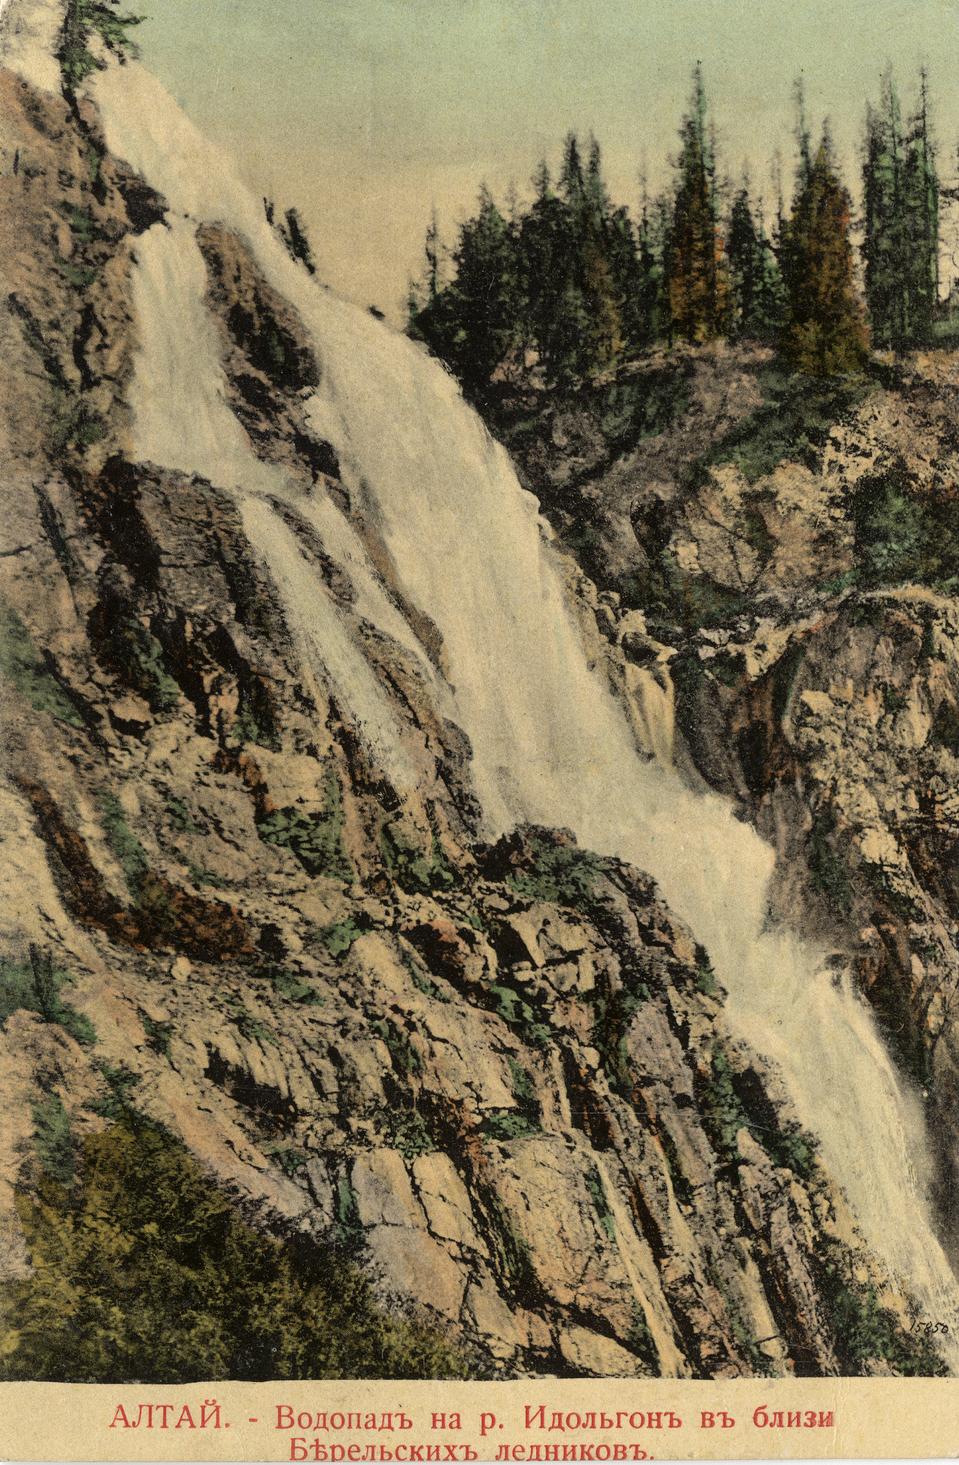 Водопад на реке Итолгон притока реки Белая Берель. Около Большого Берельского ледника